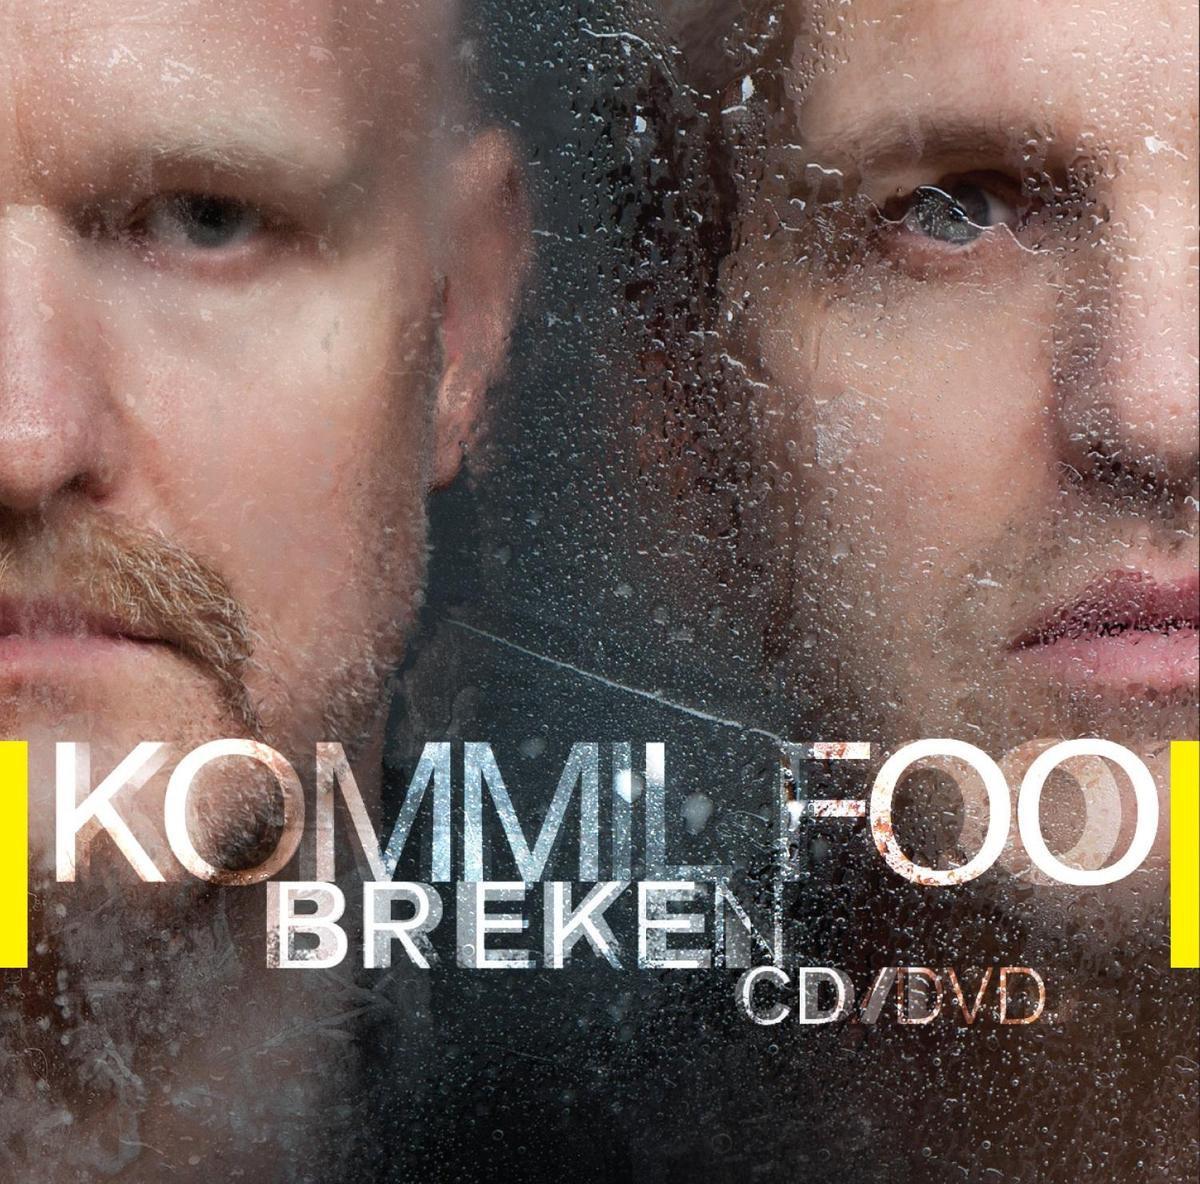 Breken - Kommil Foo